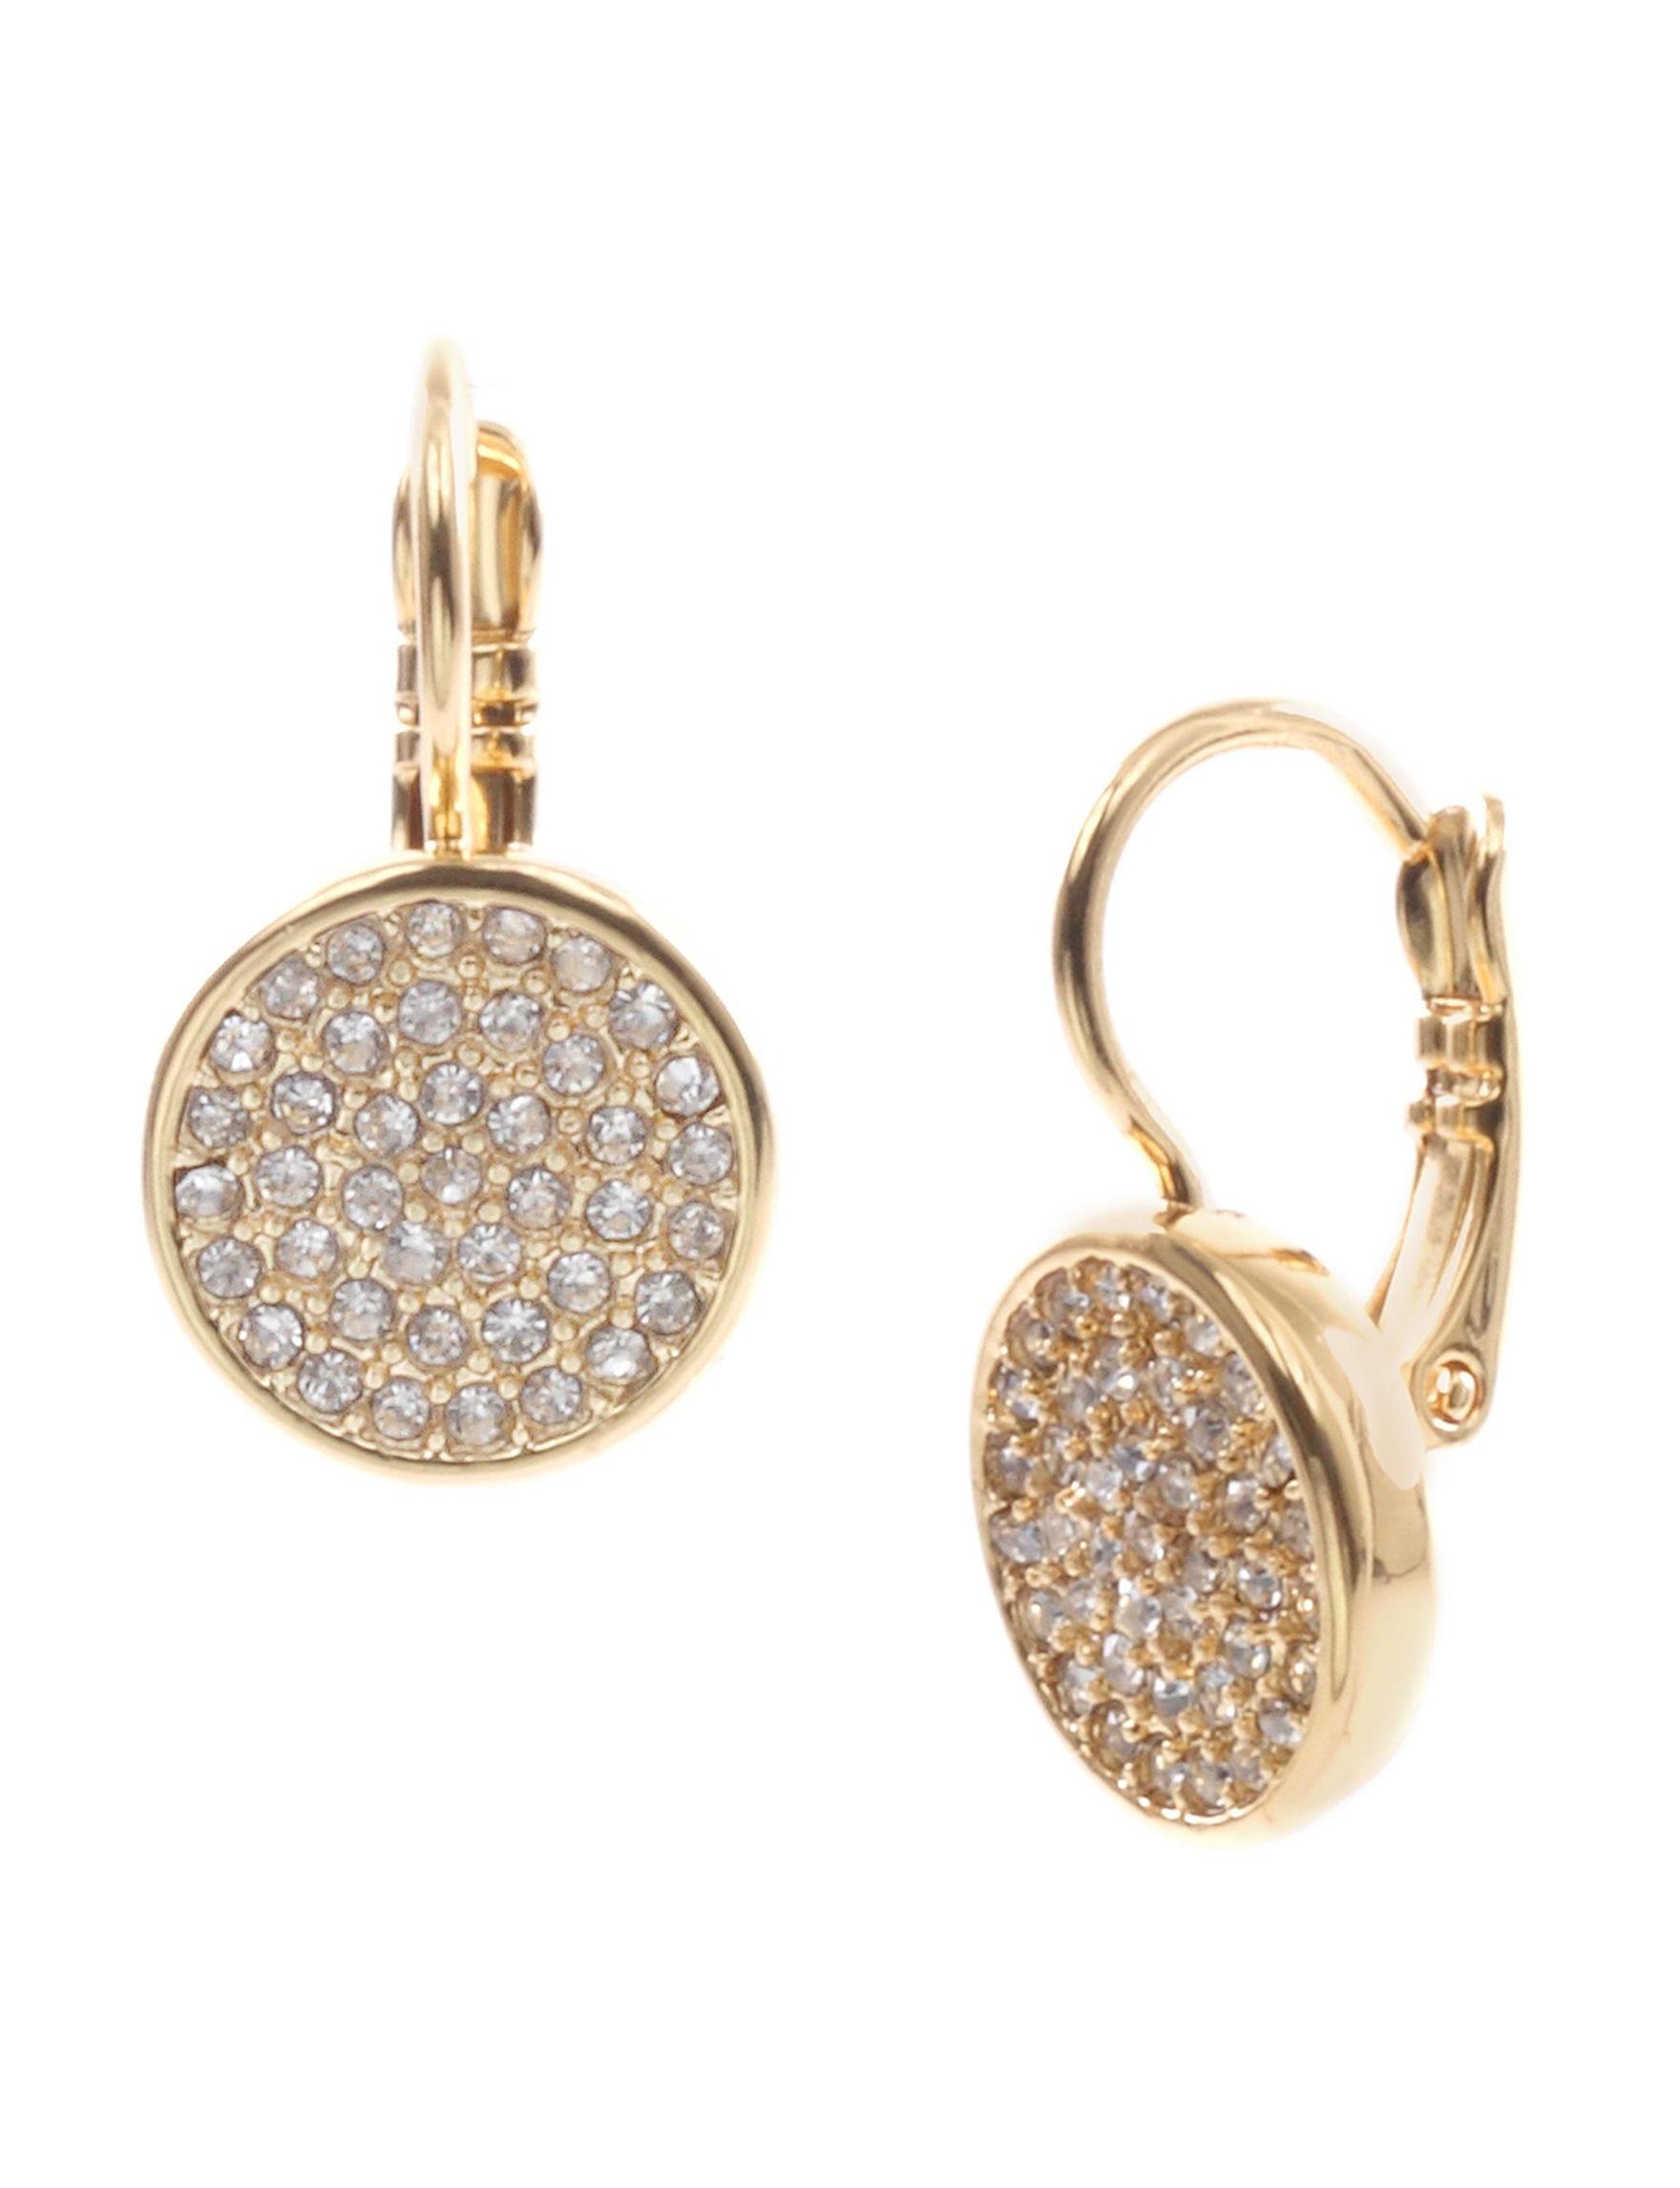 Anne Klein Gold Drops Earrings Fashion Jewelry